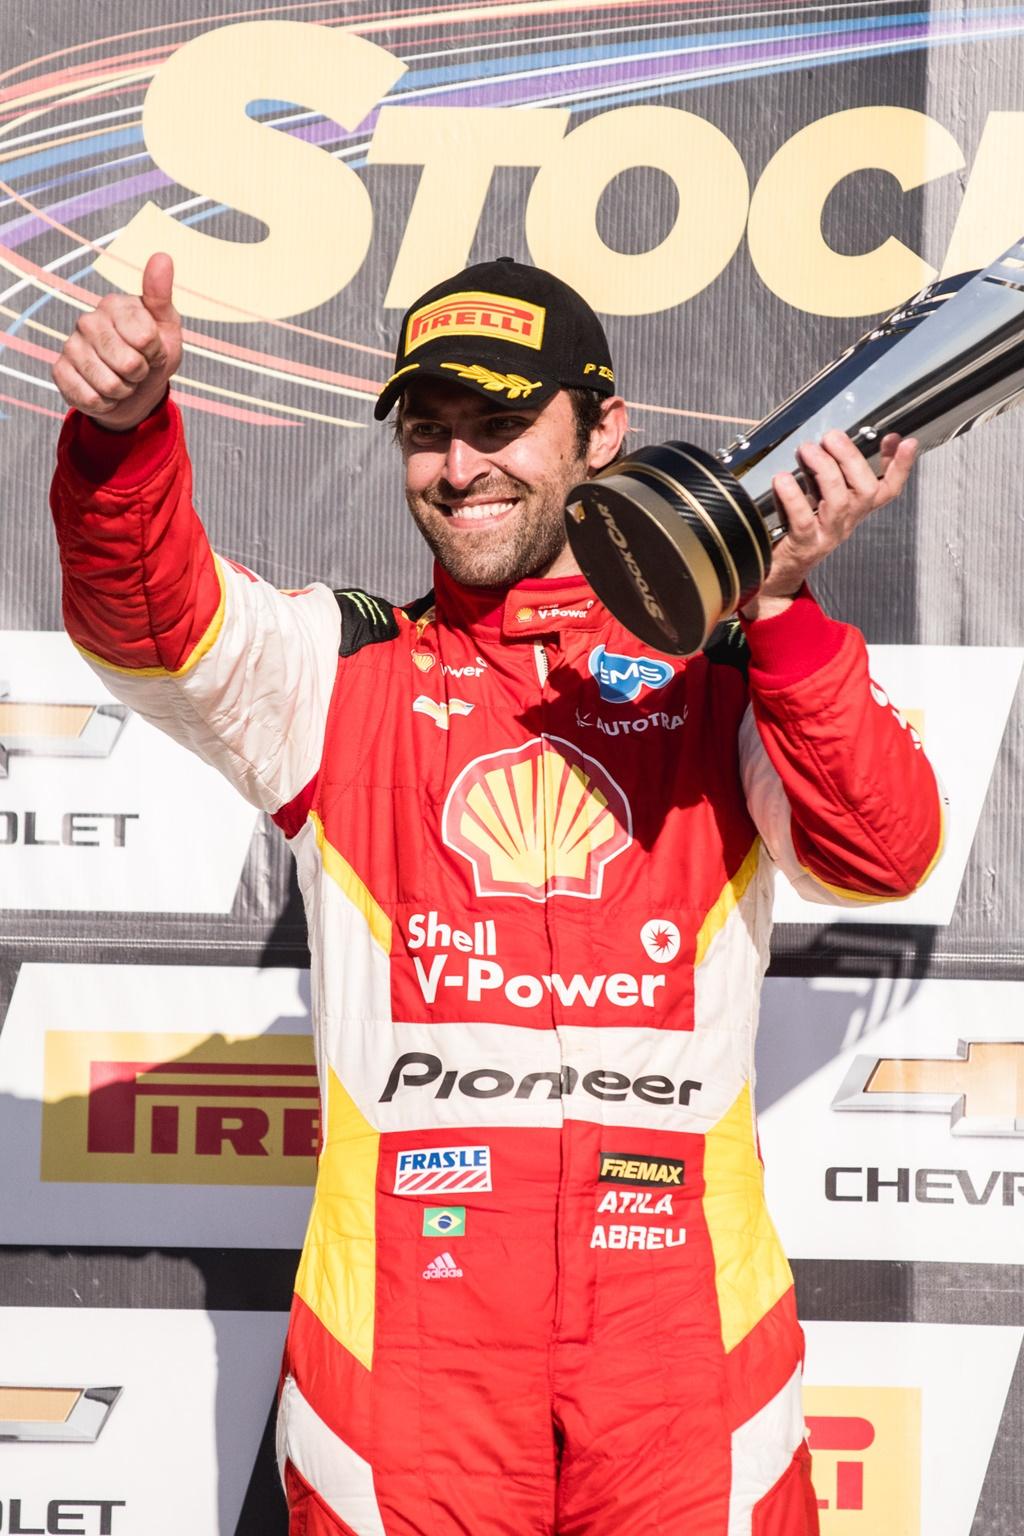 Photo of Shell Racing vence a segunda prova no Velo Città com Átila Abreu e faz a festa no interior paulista